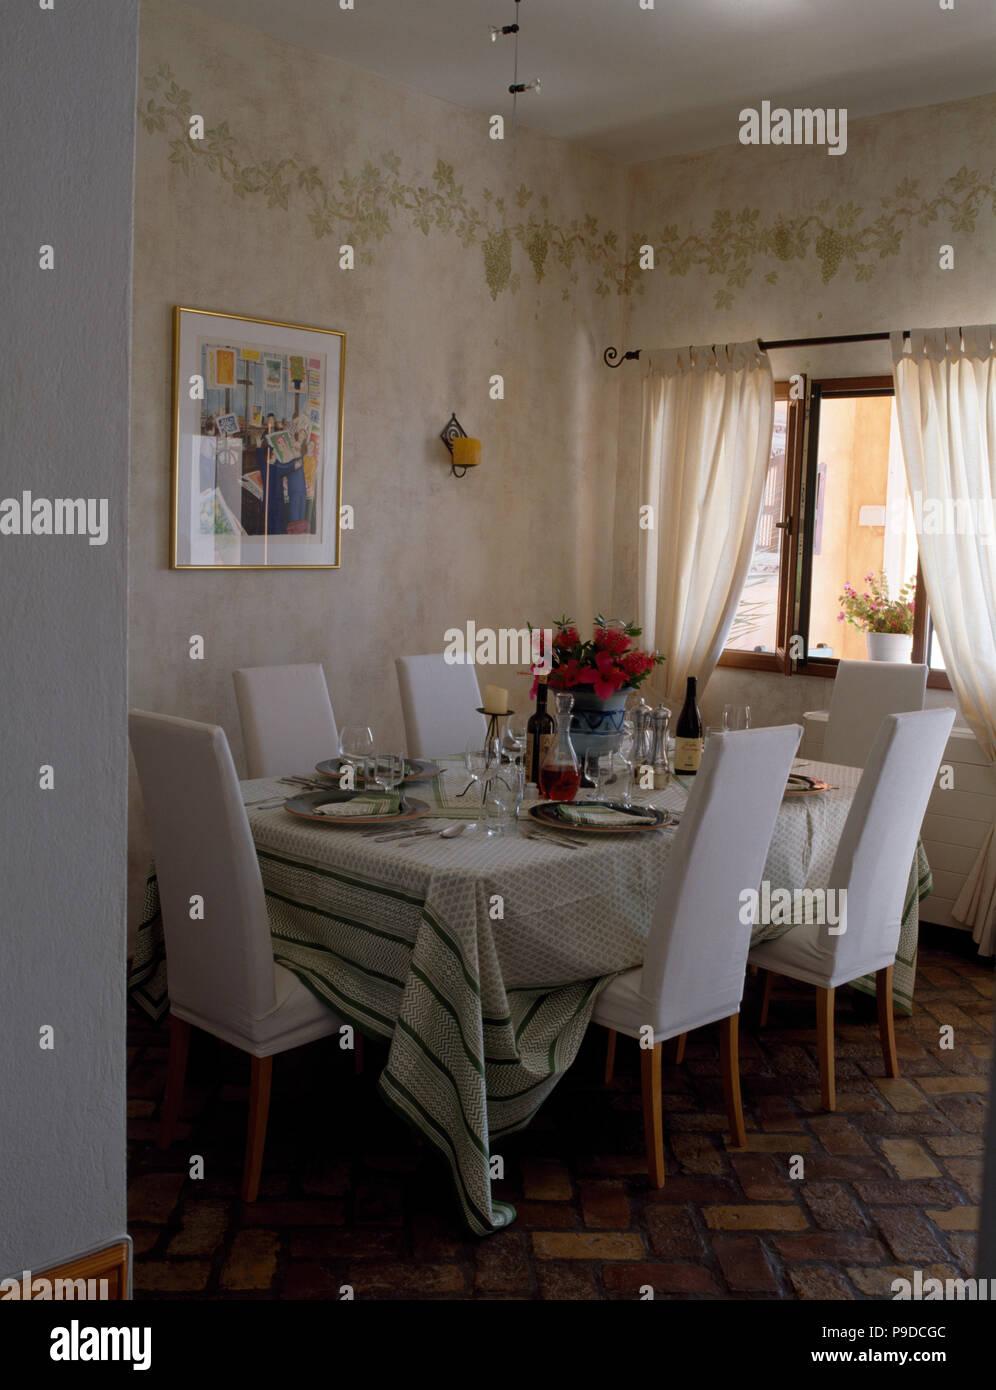 Beau Des Chaises Blanches à Table Avec Un Linge Blanc Fixé Pour Le Déjeuner Sur  La Côte De Salle à Manger Avec Une Bordure Au Pochoir Sur Le Mur